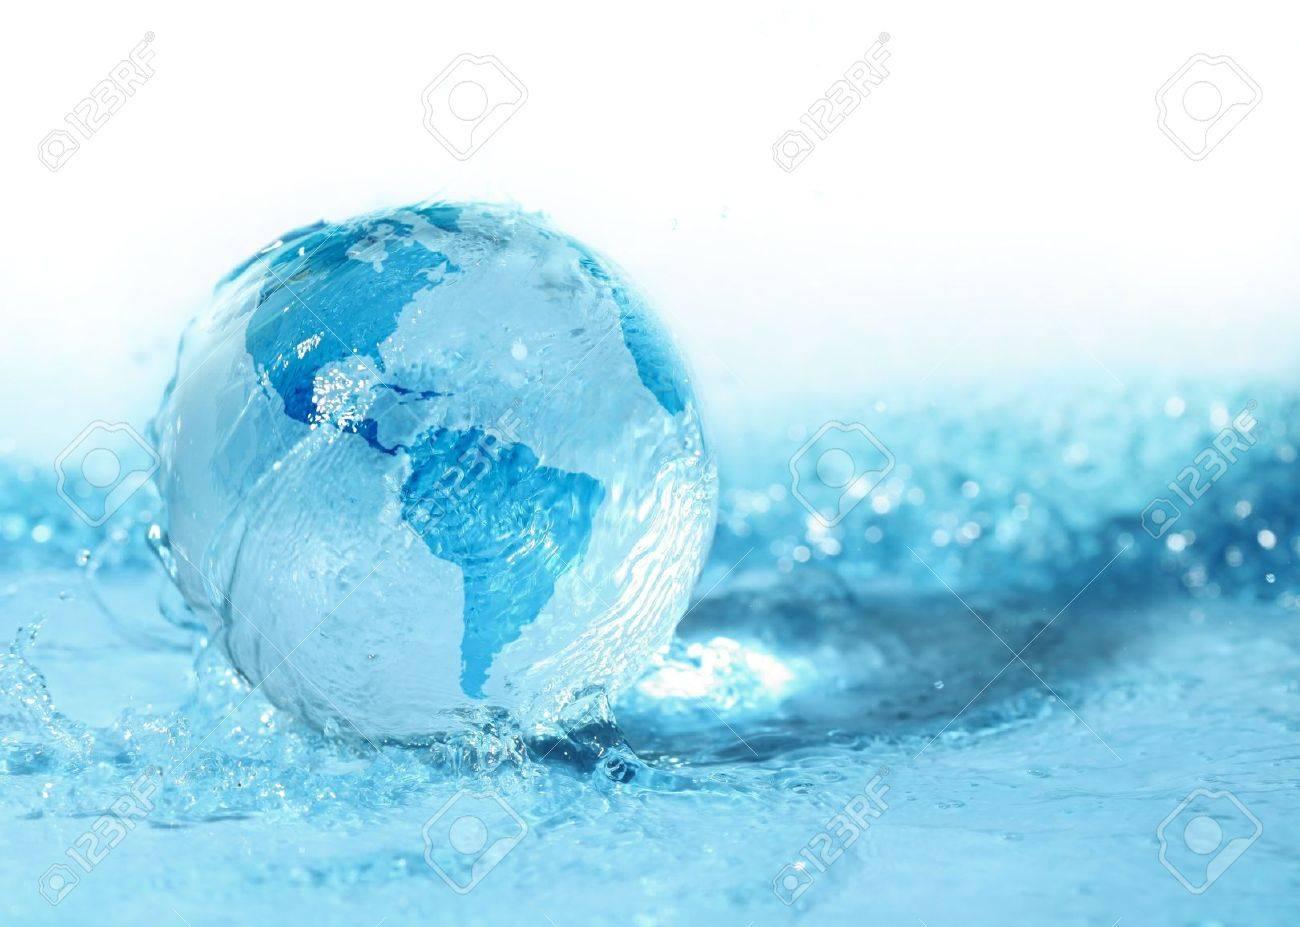 Water MAnagement, Waste MAnagement, Swachh Bharat Abhiyan